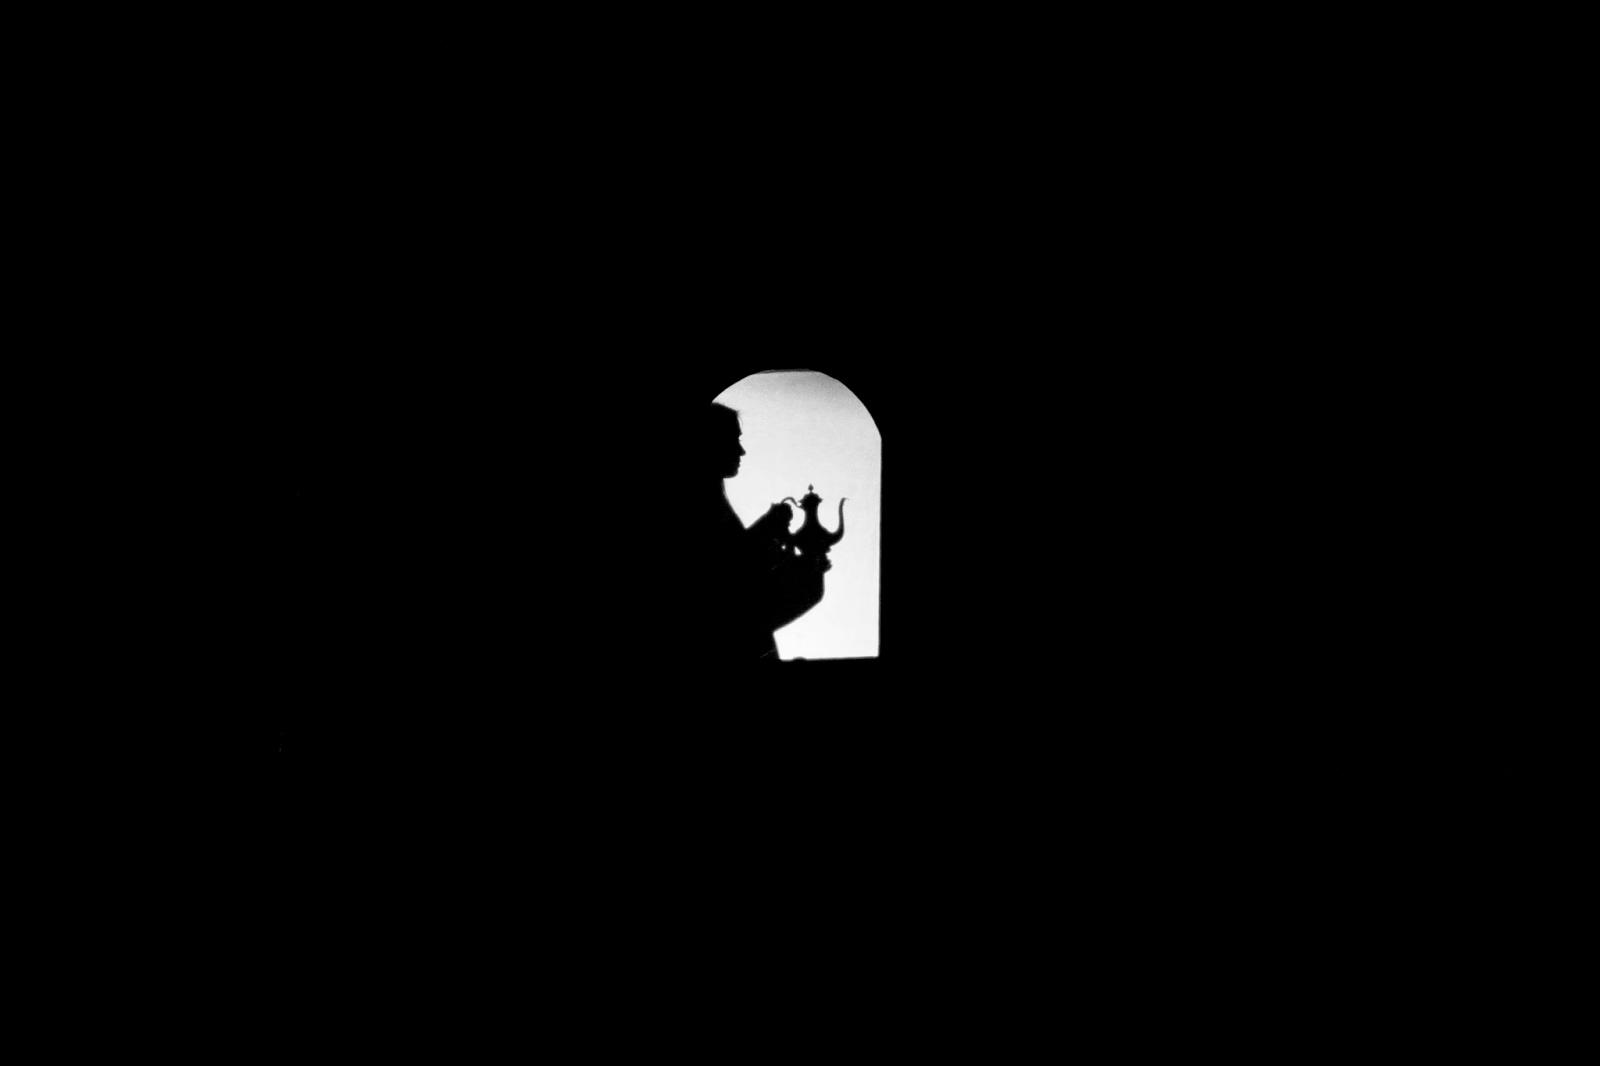 Andrej PotrC_Ali baba